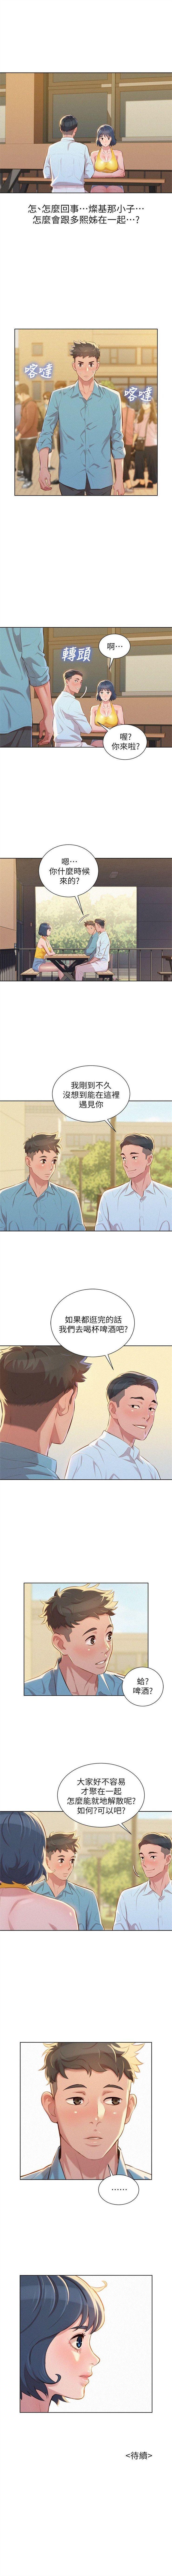 (周7)漂亮干姐姐  1-79 中文翻译 (更新中) 222